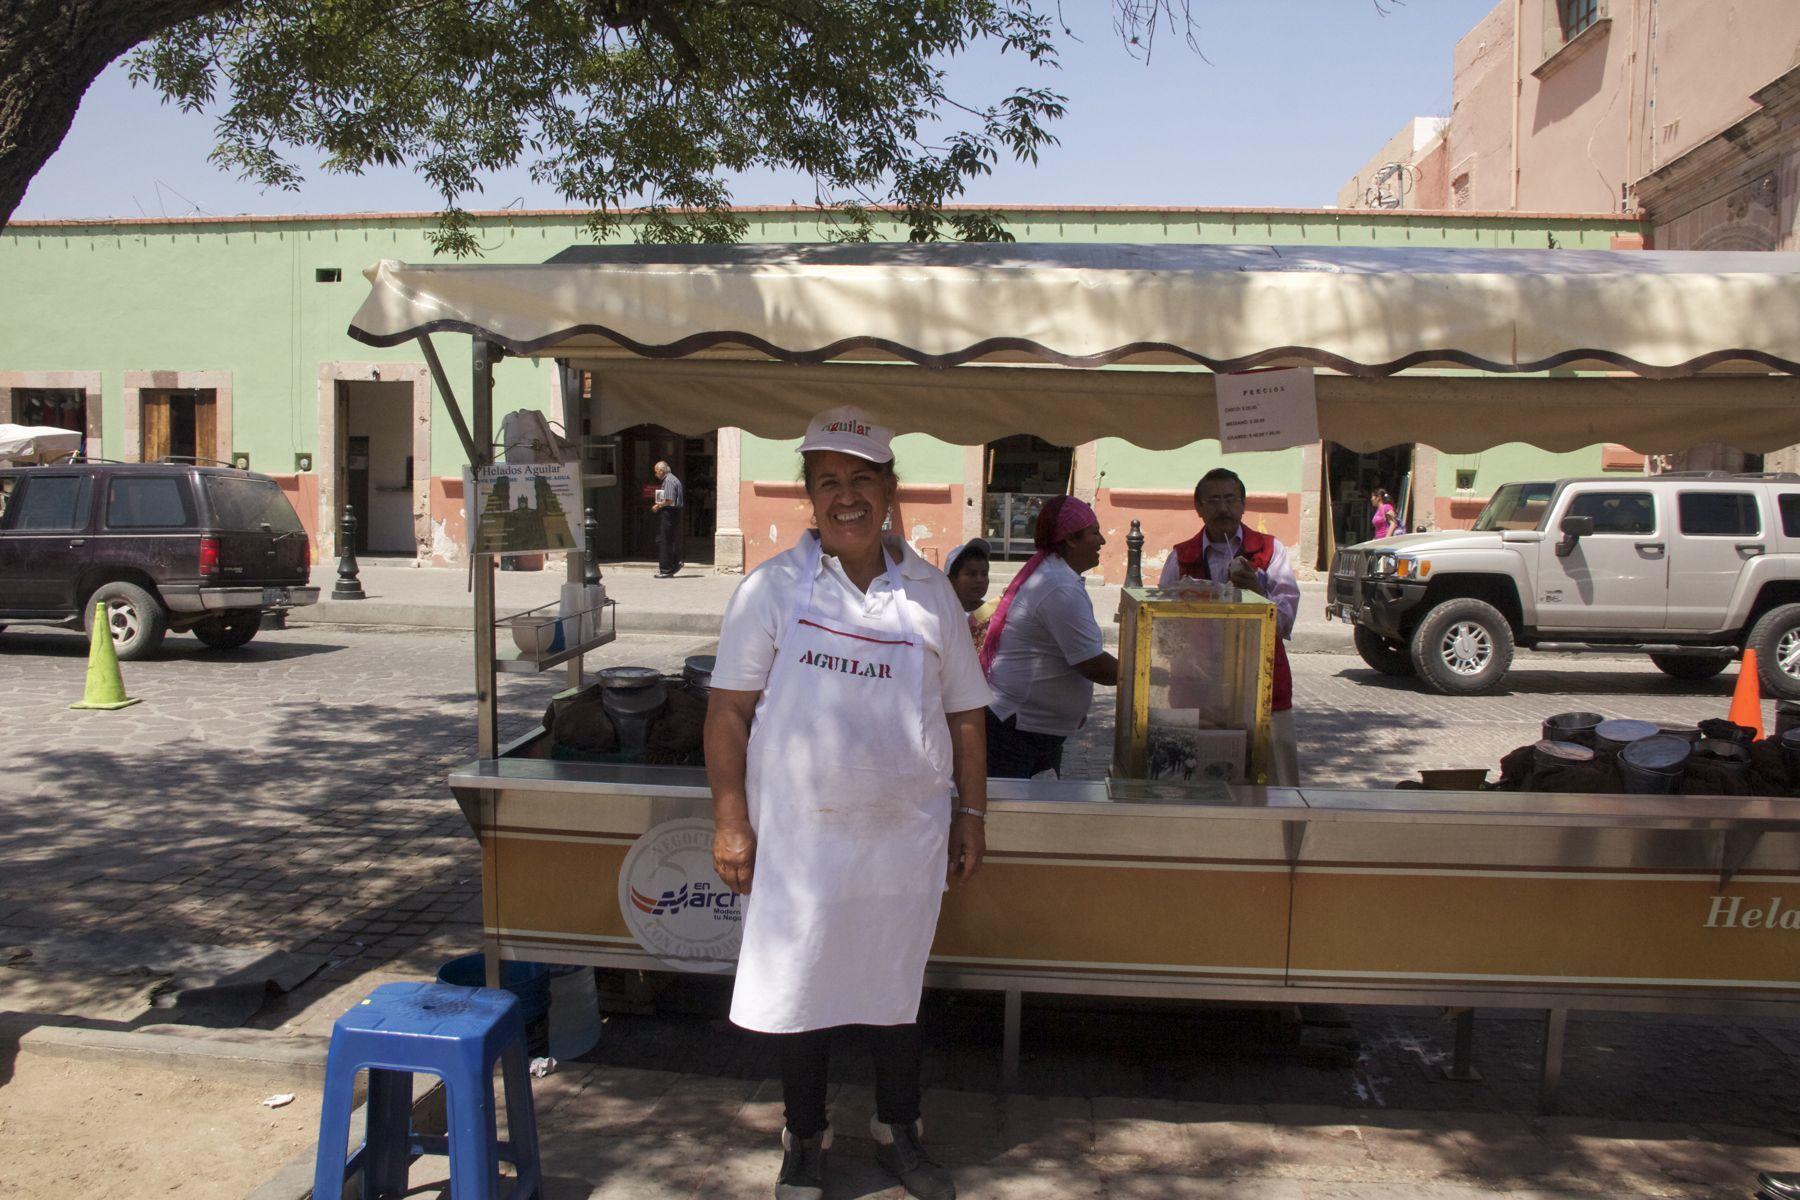 Magic in Dolores Hidalgo, Mexico